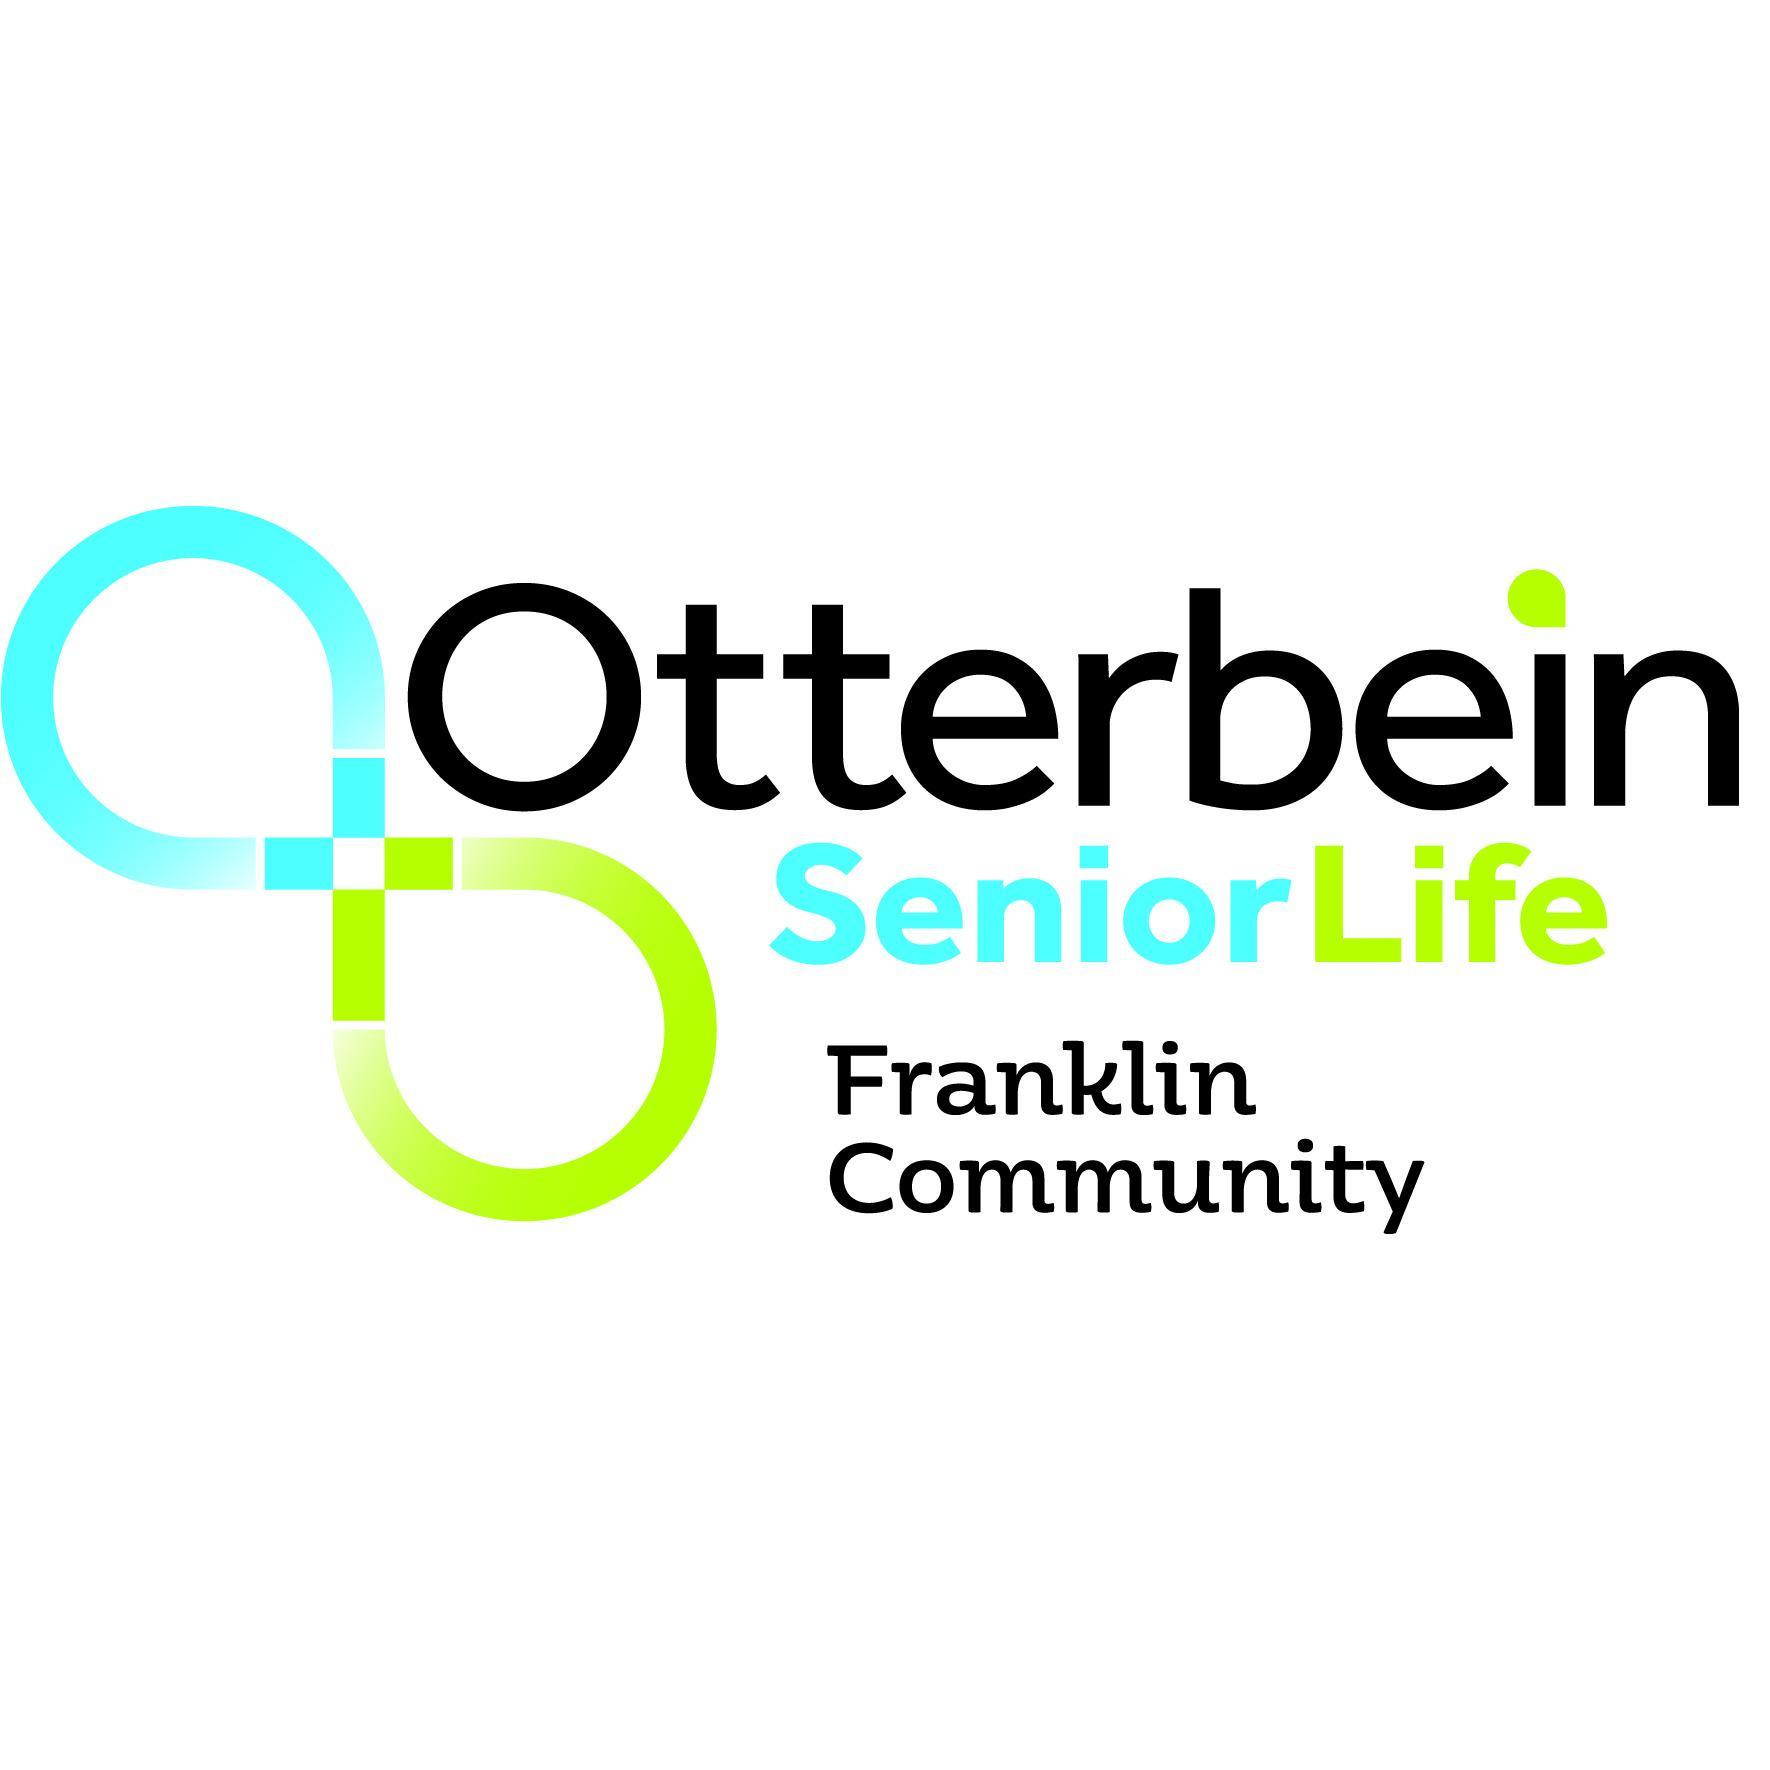 Otterbein SeniorLife Franklin Community Senior Living